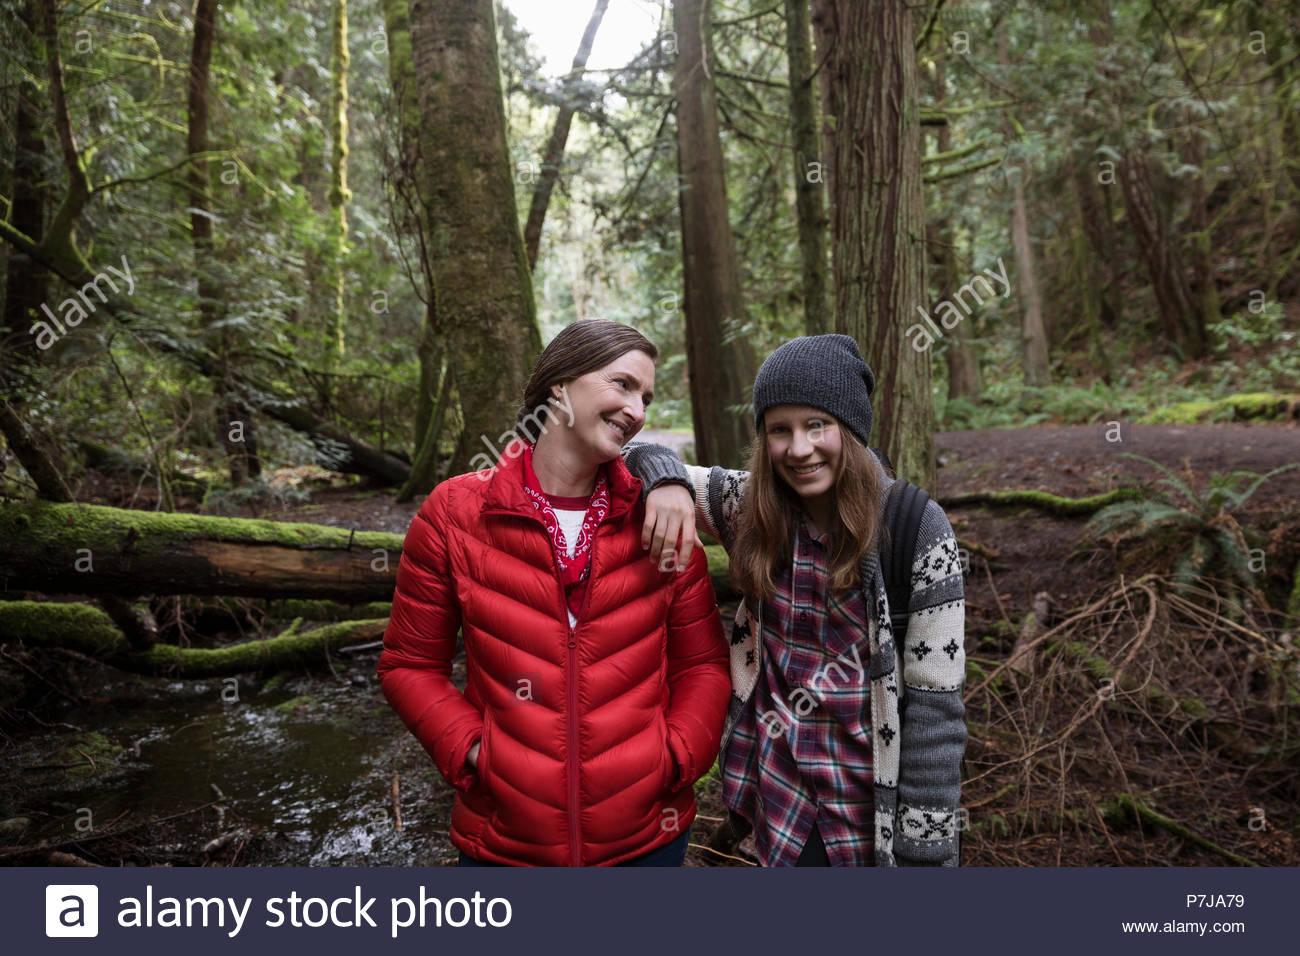 Ritratto fiducioso madre e figlia escursioni nei boschi Immagini Stock